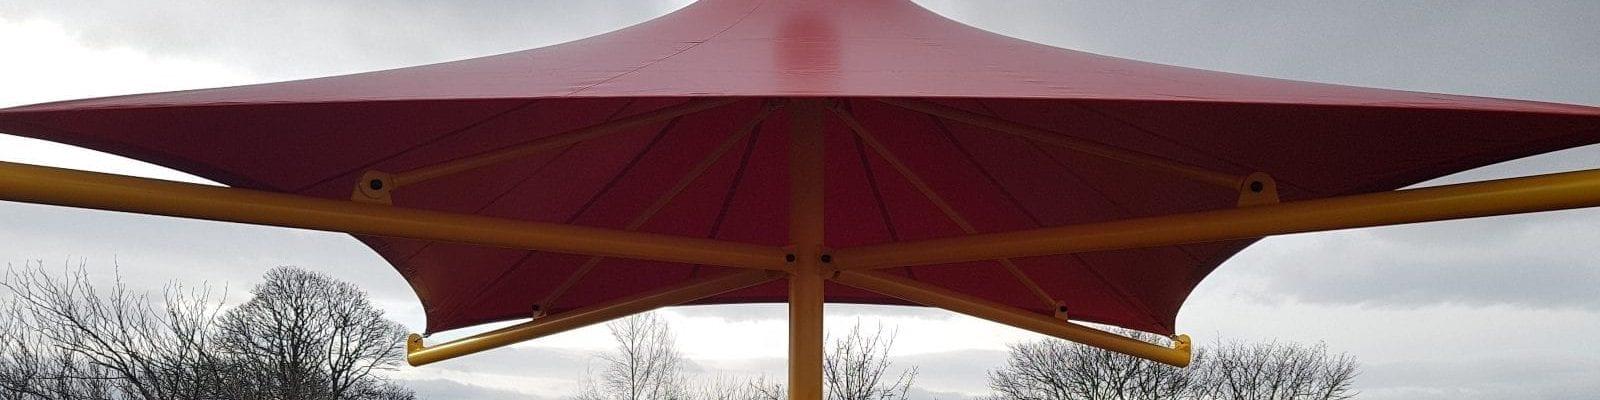 Umbrella canopy we designed for Hadrian School